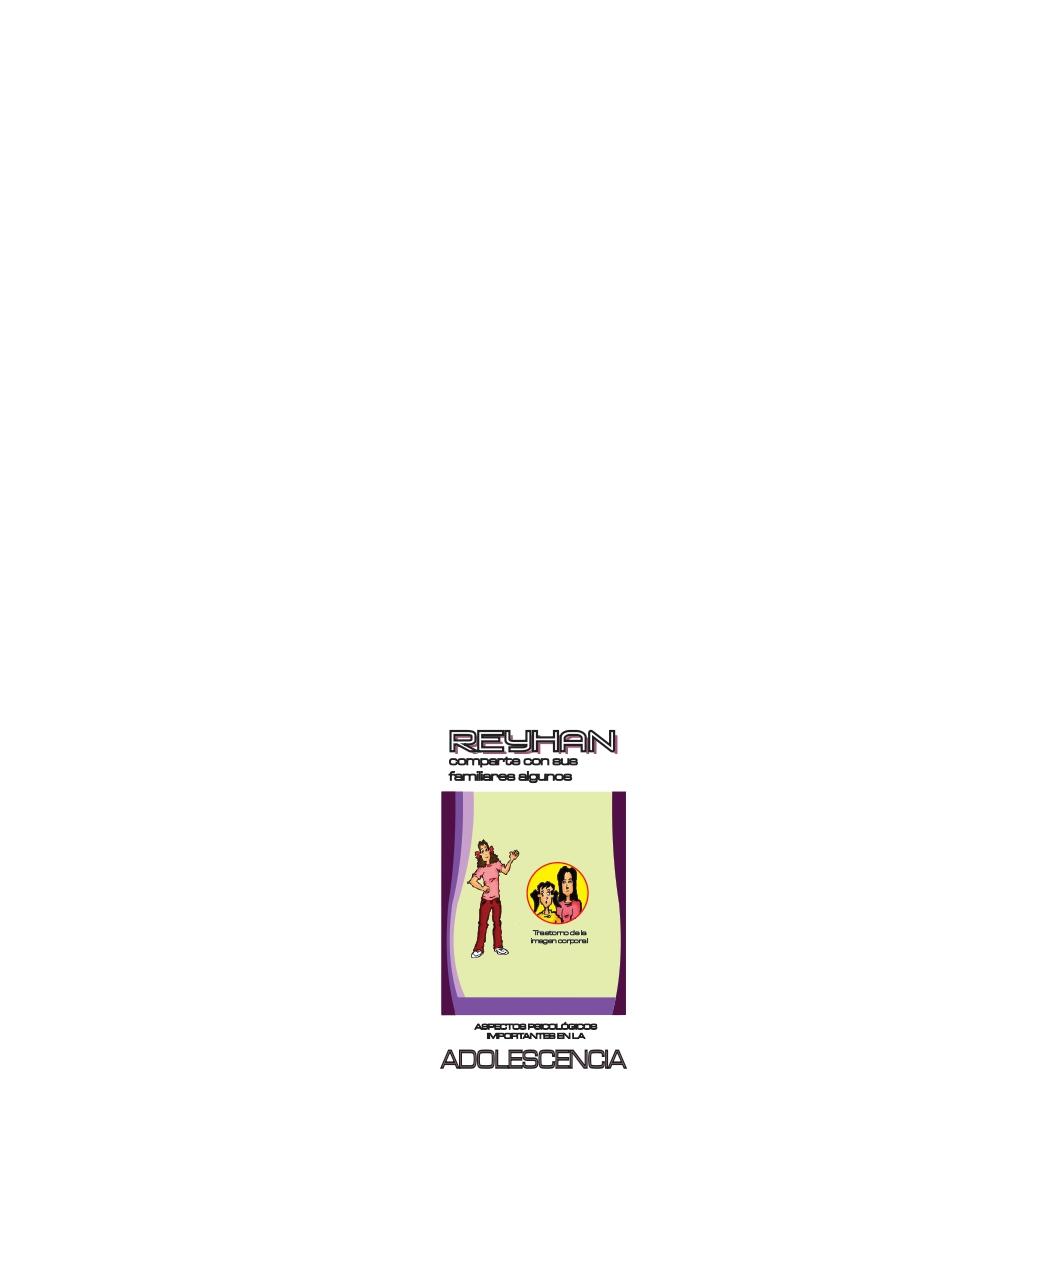 Psicología padres Reyhan cap2 digital_page-0022